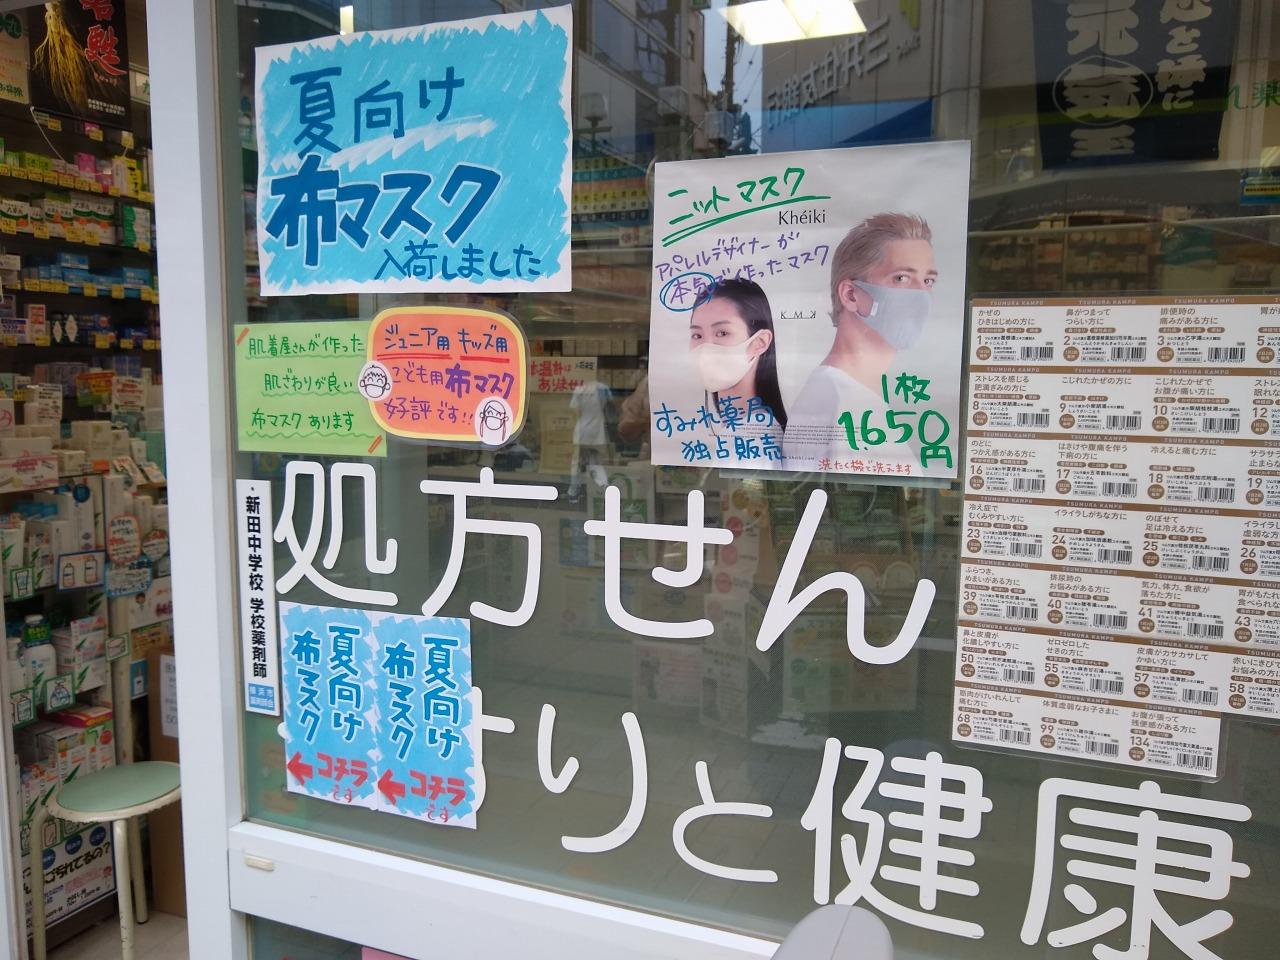 綱島駅前すみれ薬局